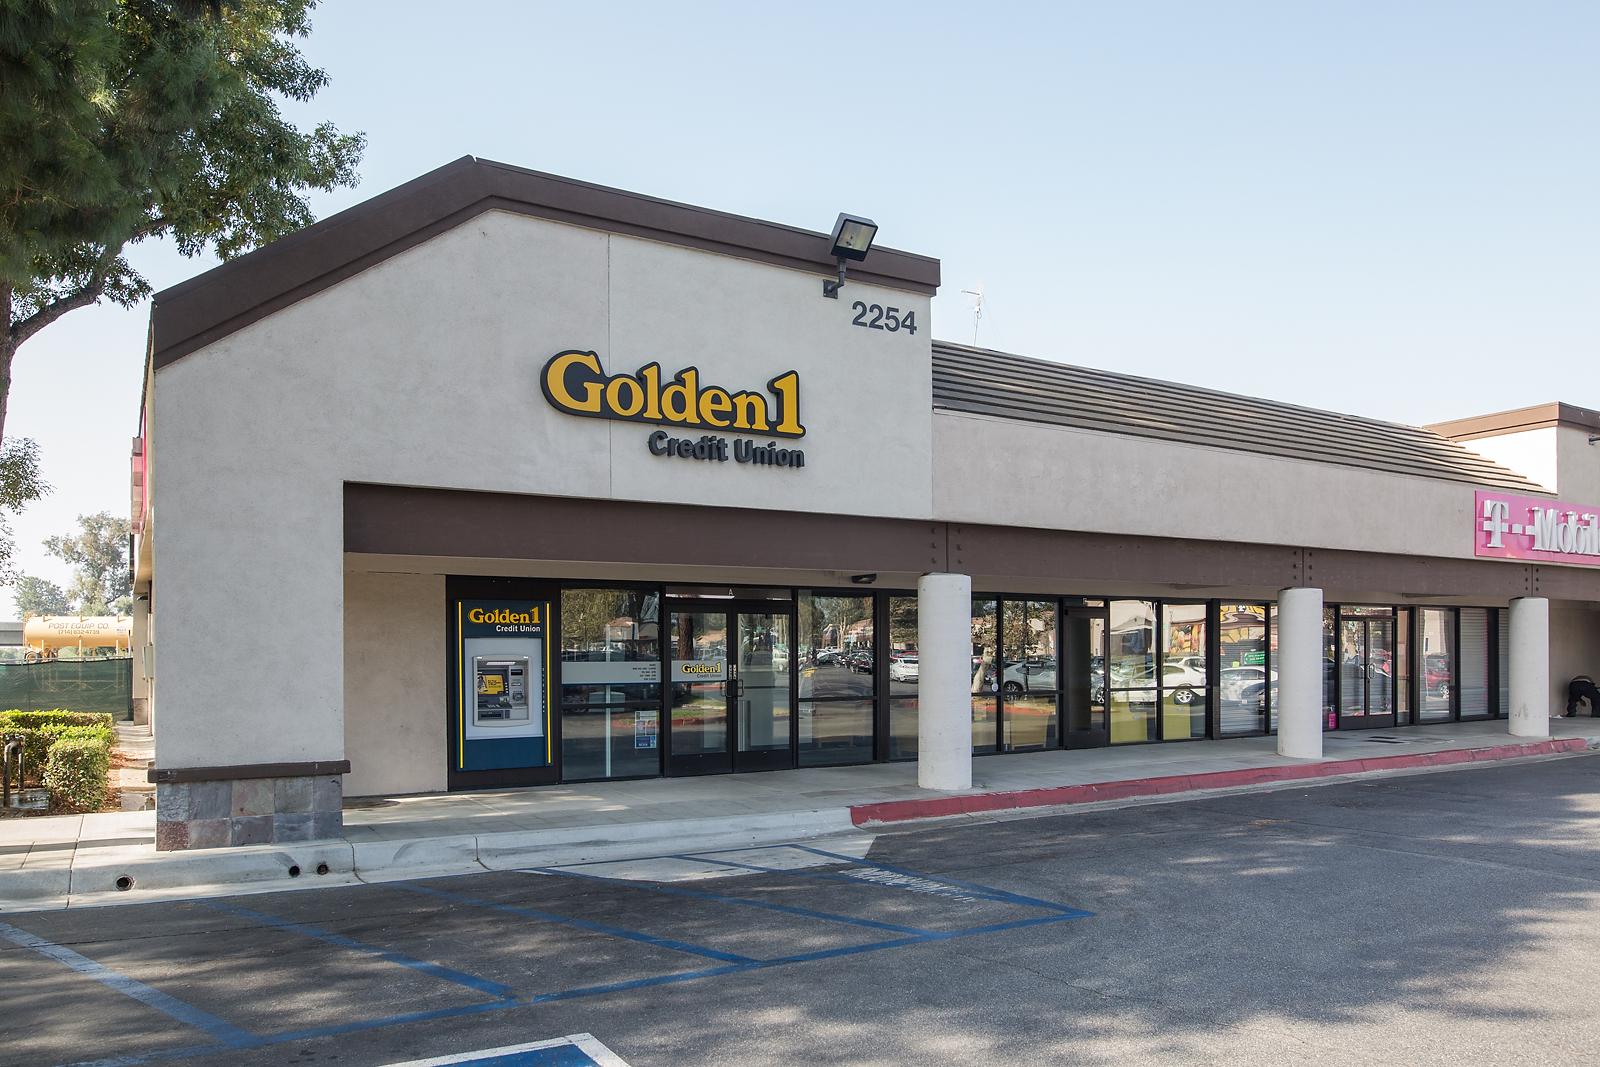 golden 1 credit union corporate office sacramento ренессанс кредит поддержка